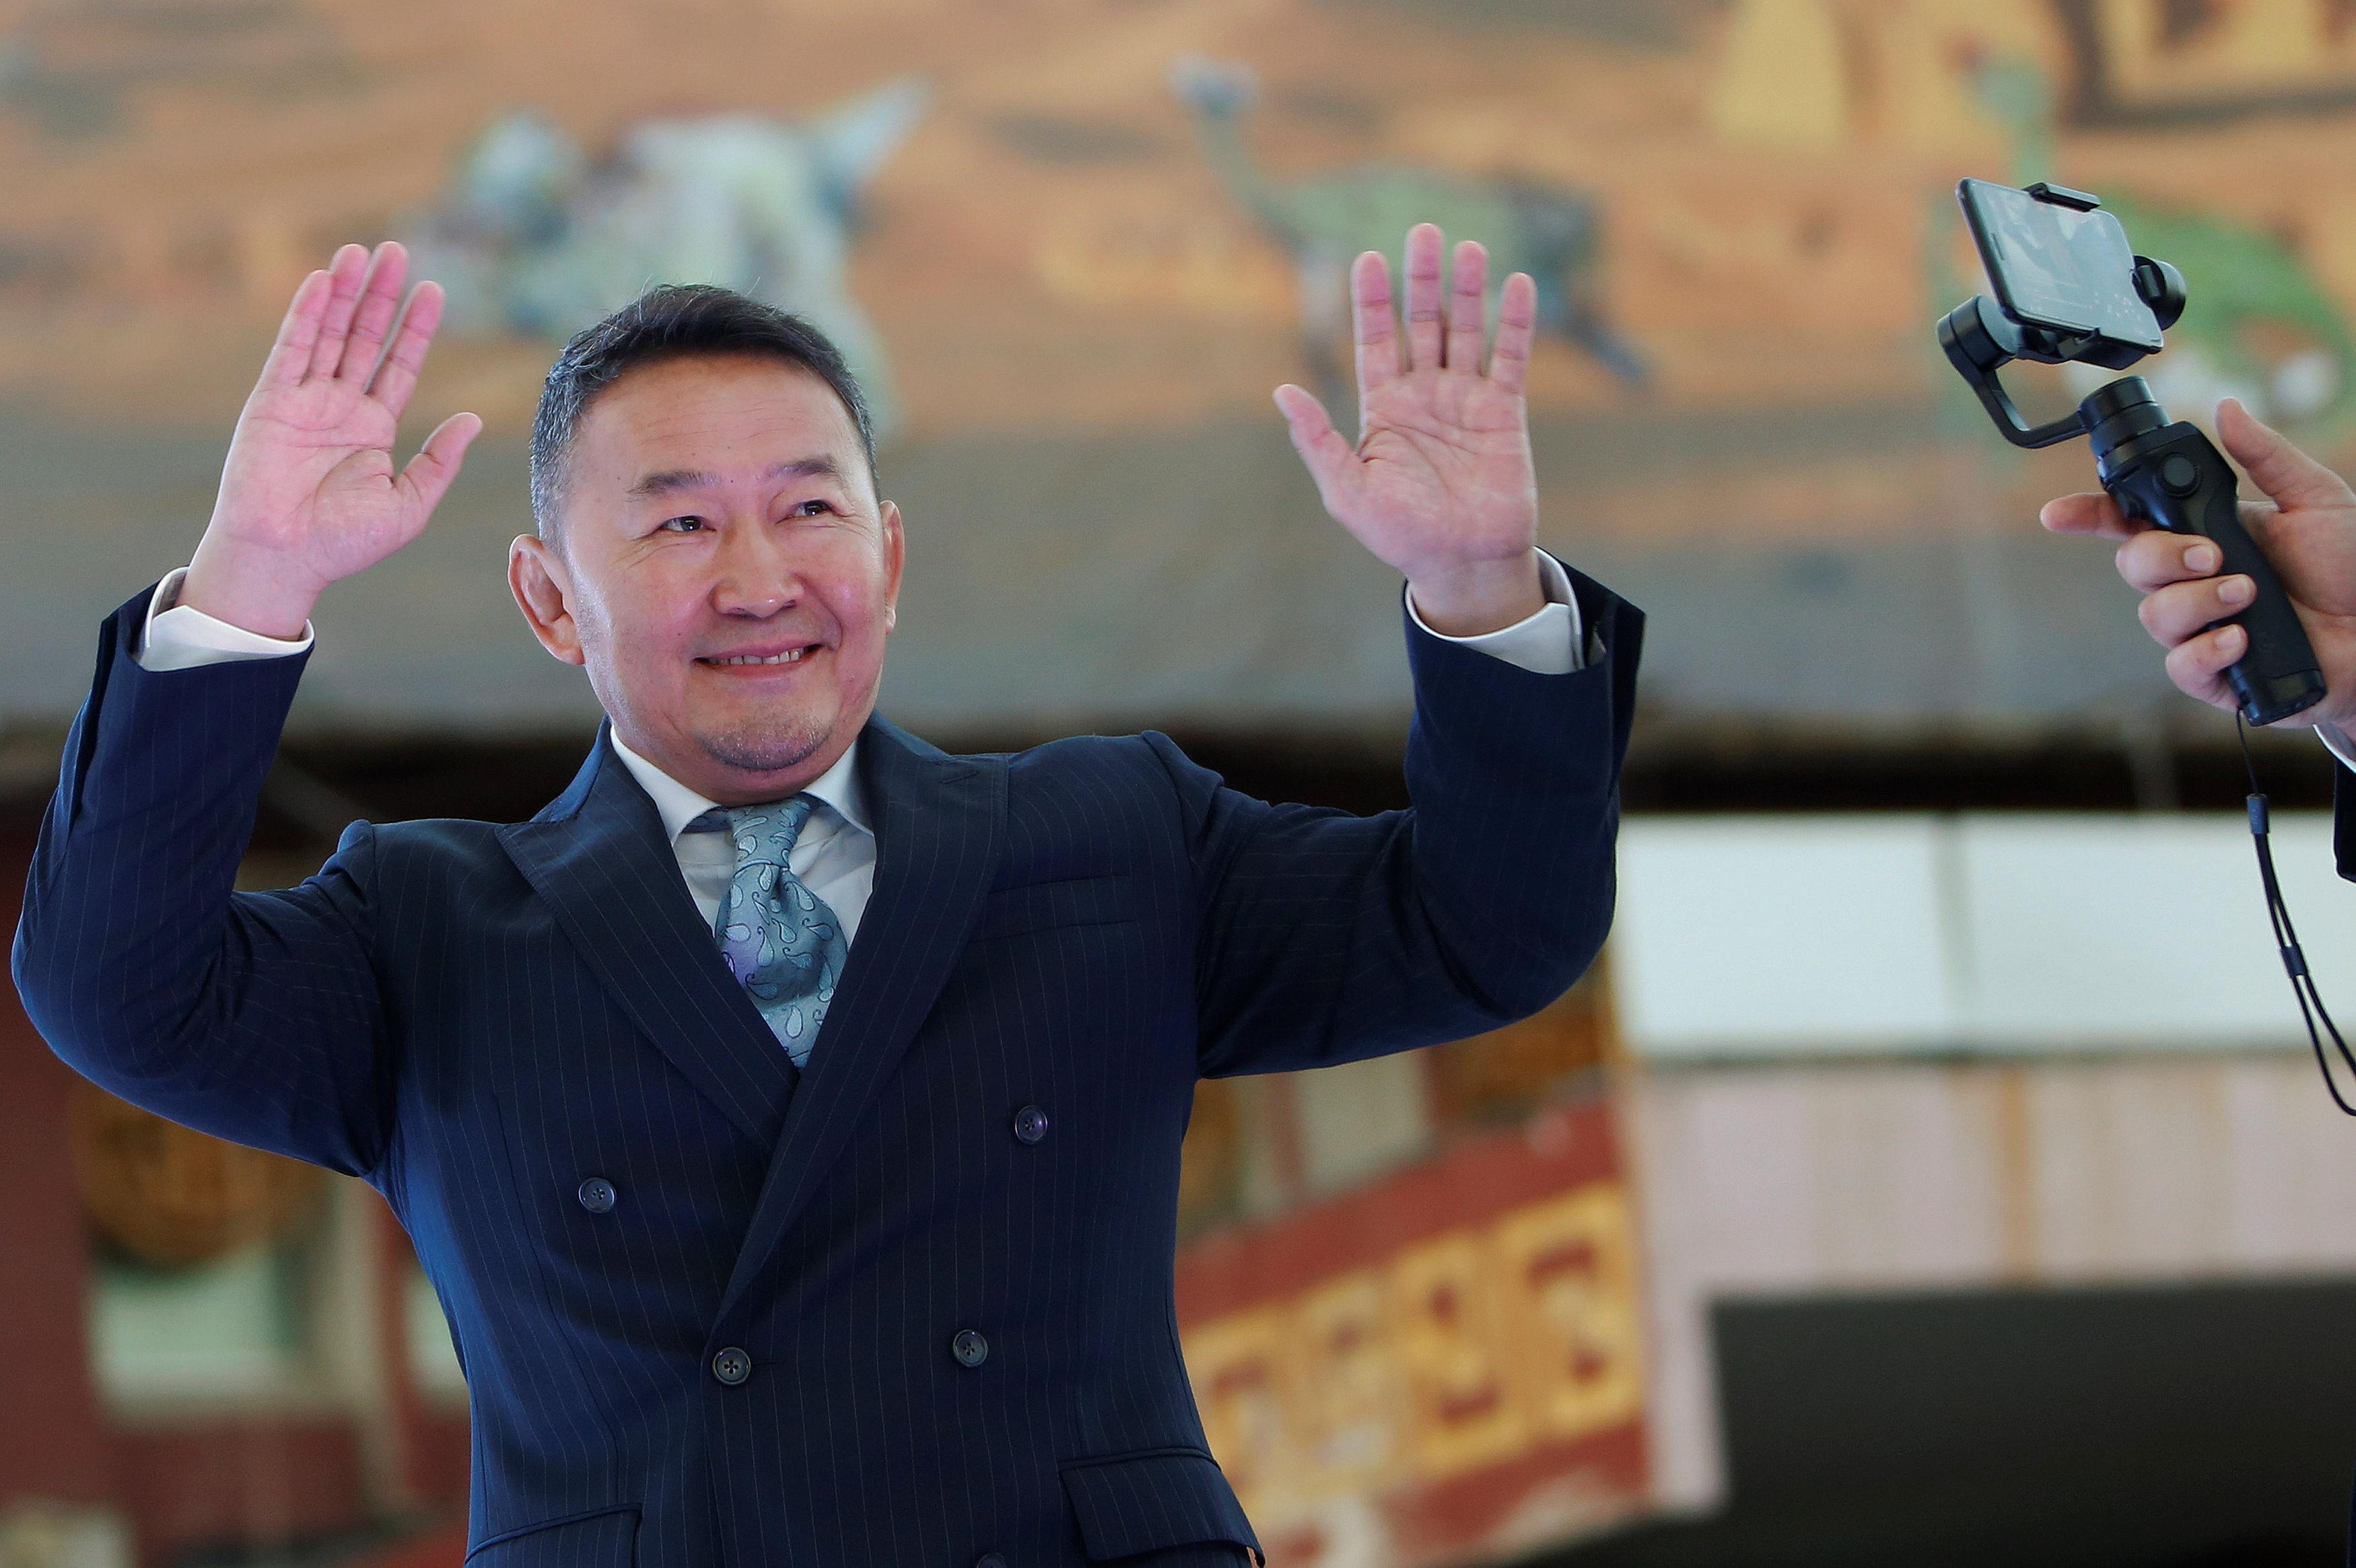 Новоизбранный президент Монголии Халтмаагийн Баттулга празднует победу в президентских выборах, 8 июля 2017 год